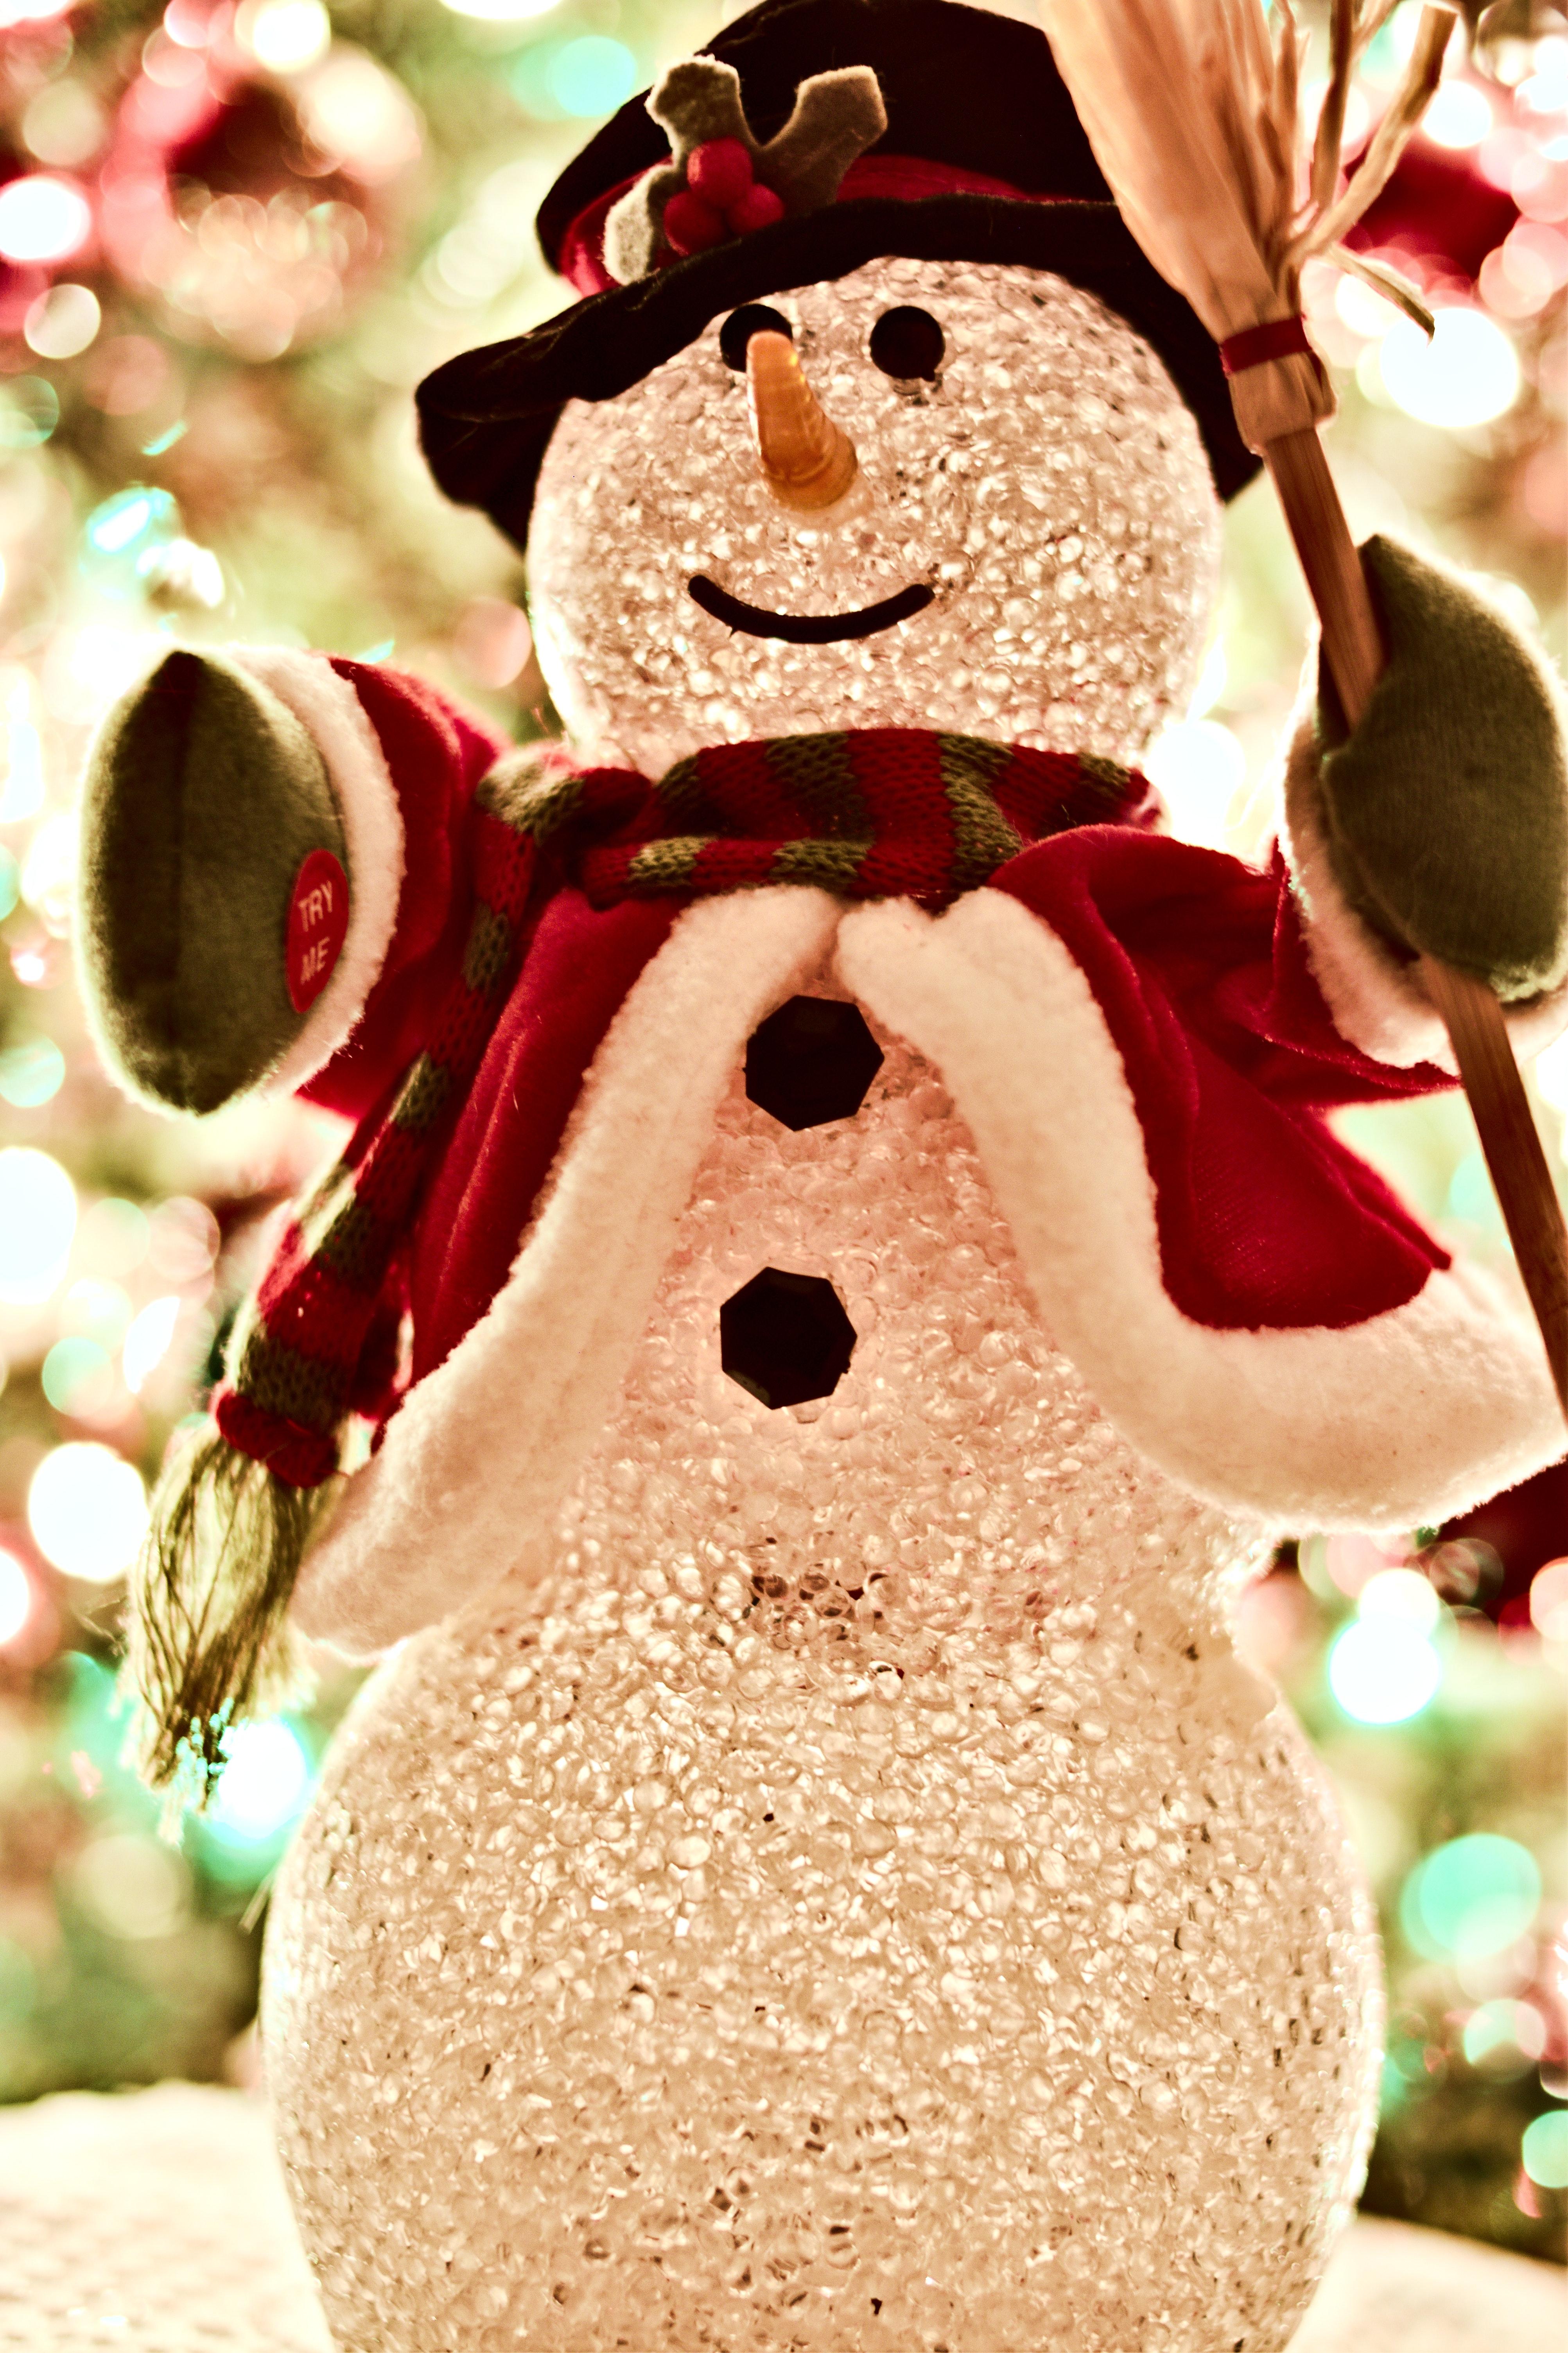 Snowman Figurine, Bright, Fun, Traditional, Tradition, HQ Photo